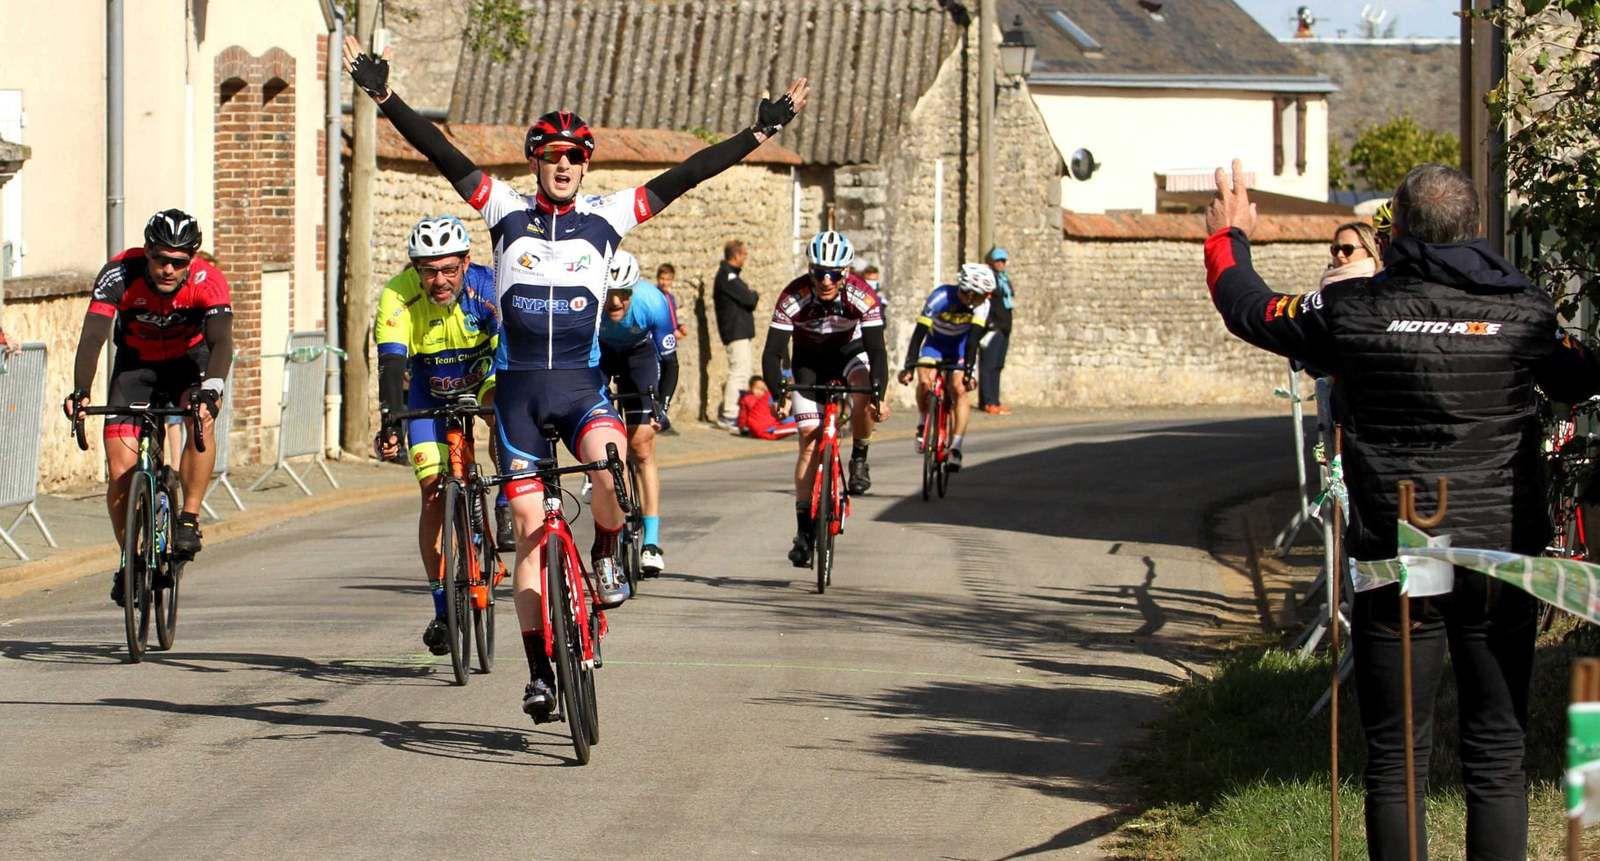 Les résultats de la course UFOLEP 3 de Fontenay sur Conie (28)